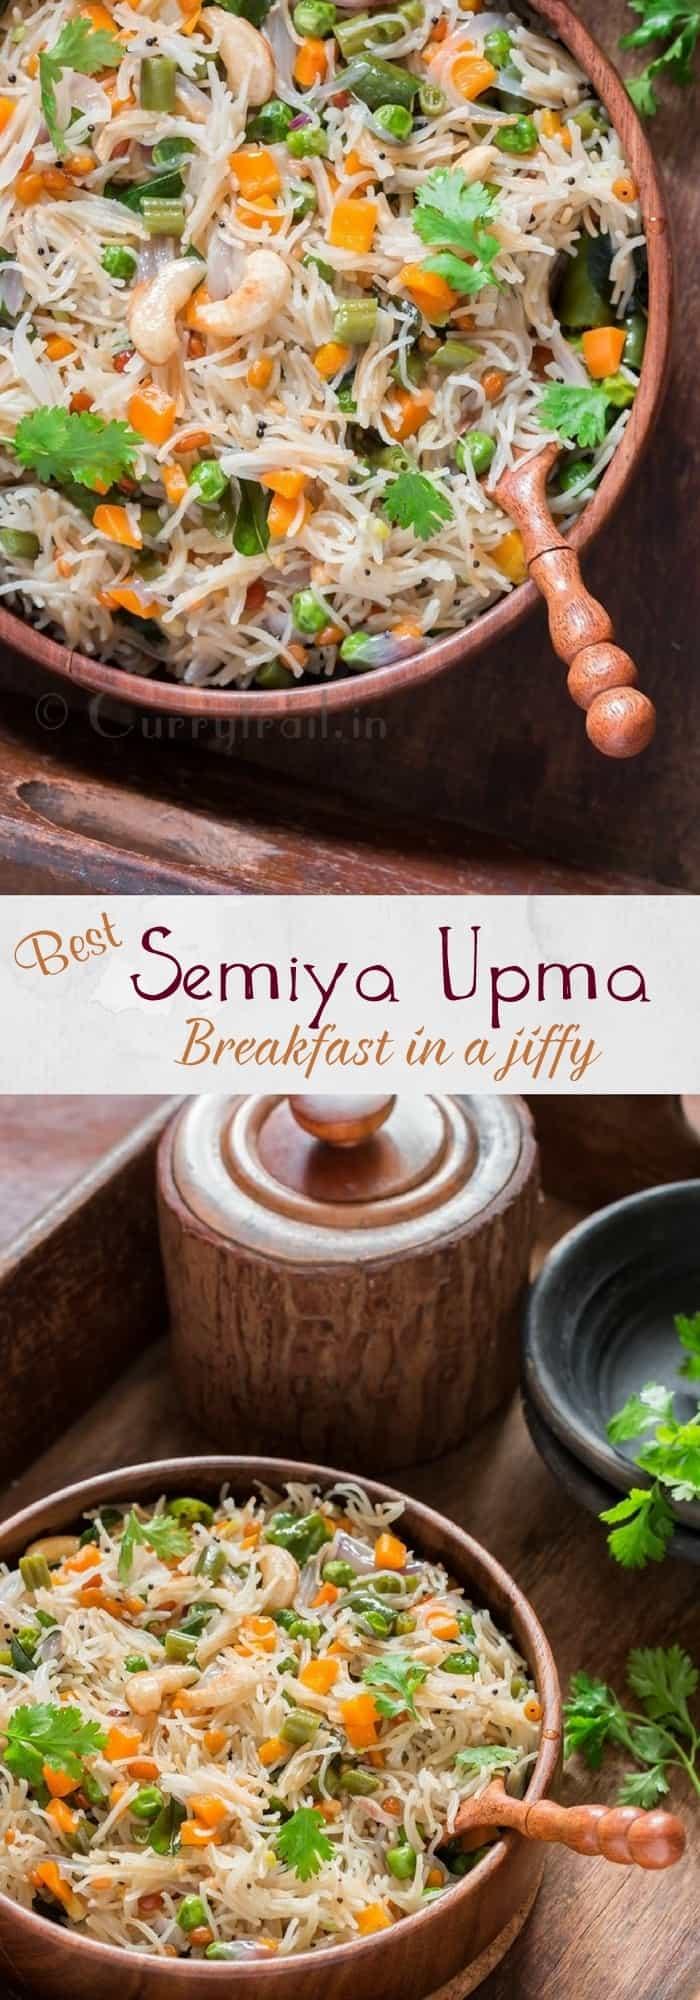 Semiya Upma Pin